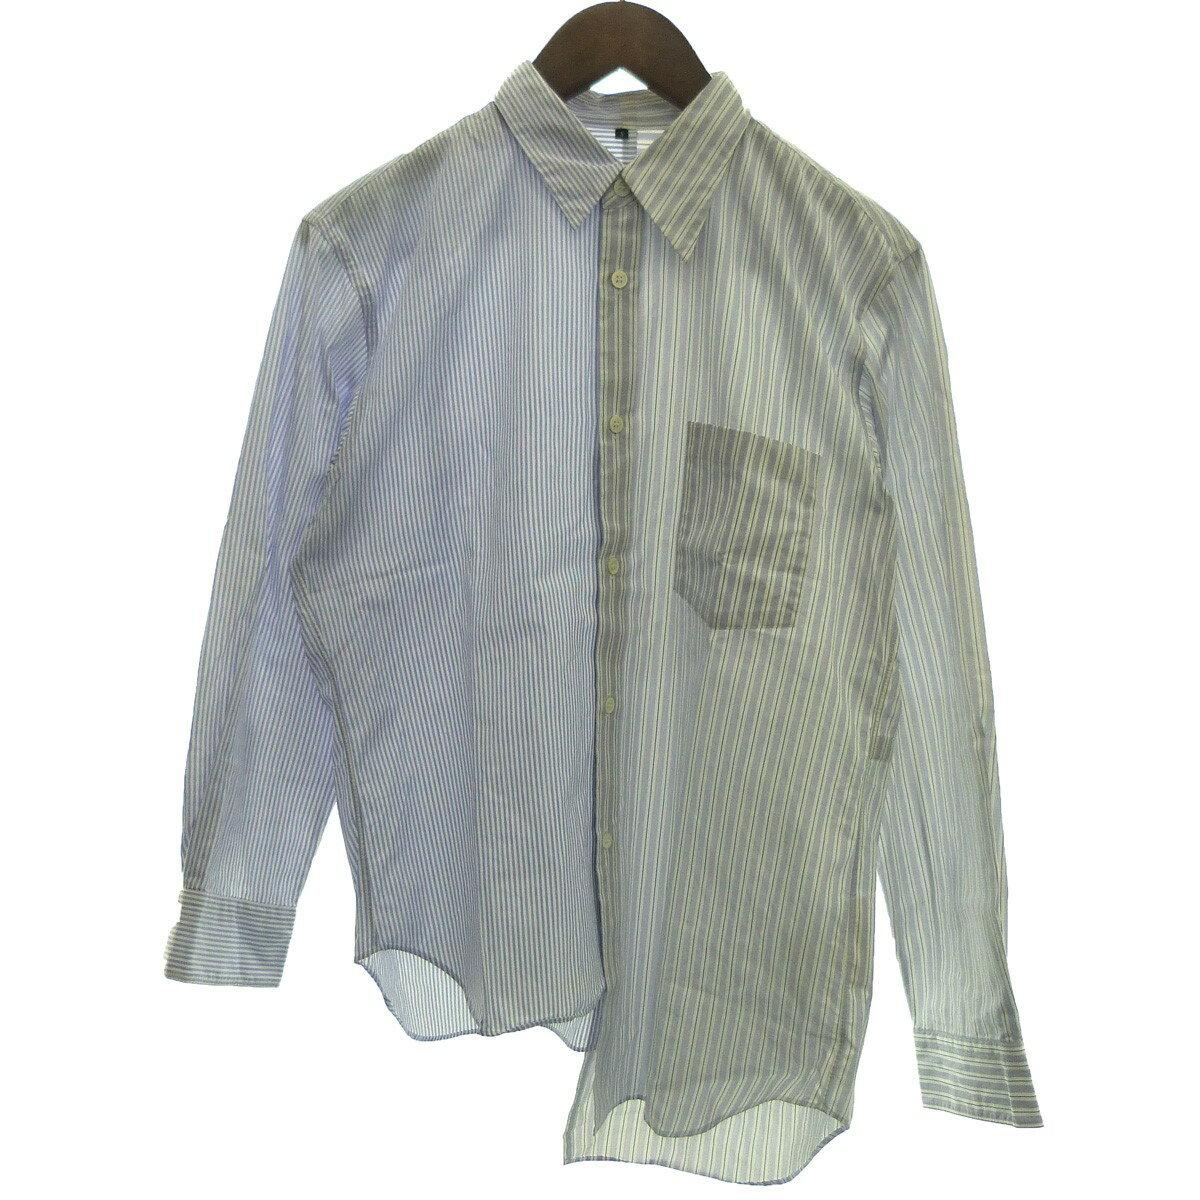 トップス, カジュアルシャツ COMME des GARCONS HOMME PLUS 17AW S 080220